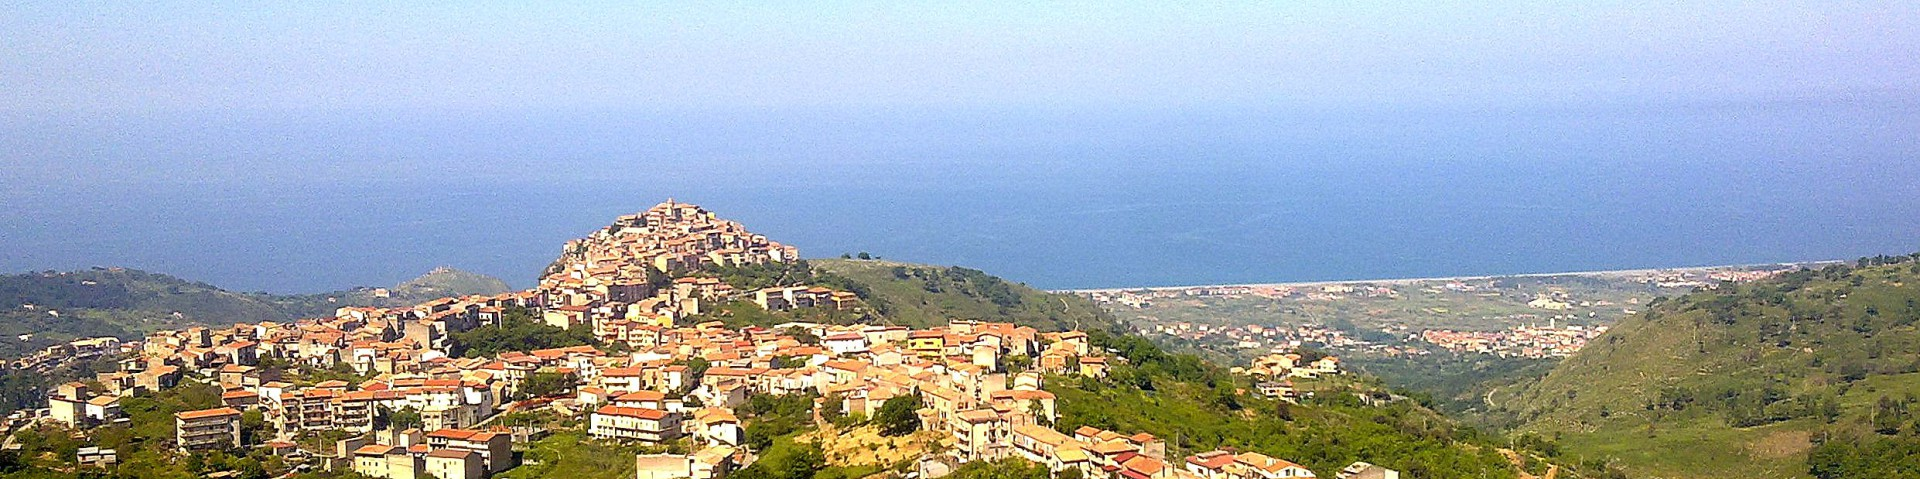 Grisolia Scalo, historická vesnička nad pobřežní částí Grisolia Lido, skvělý tip na výlet